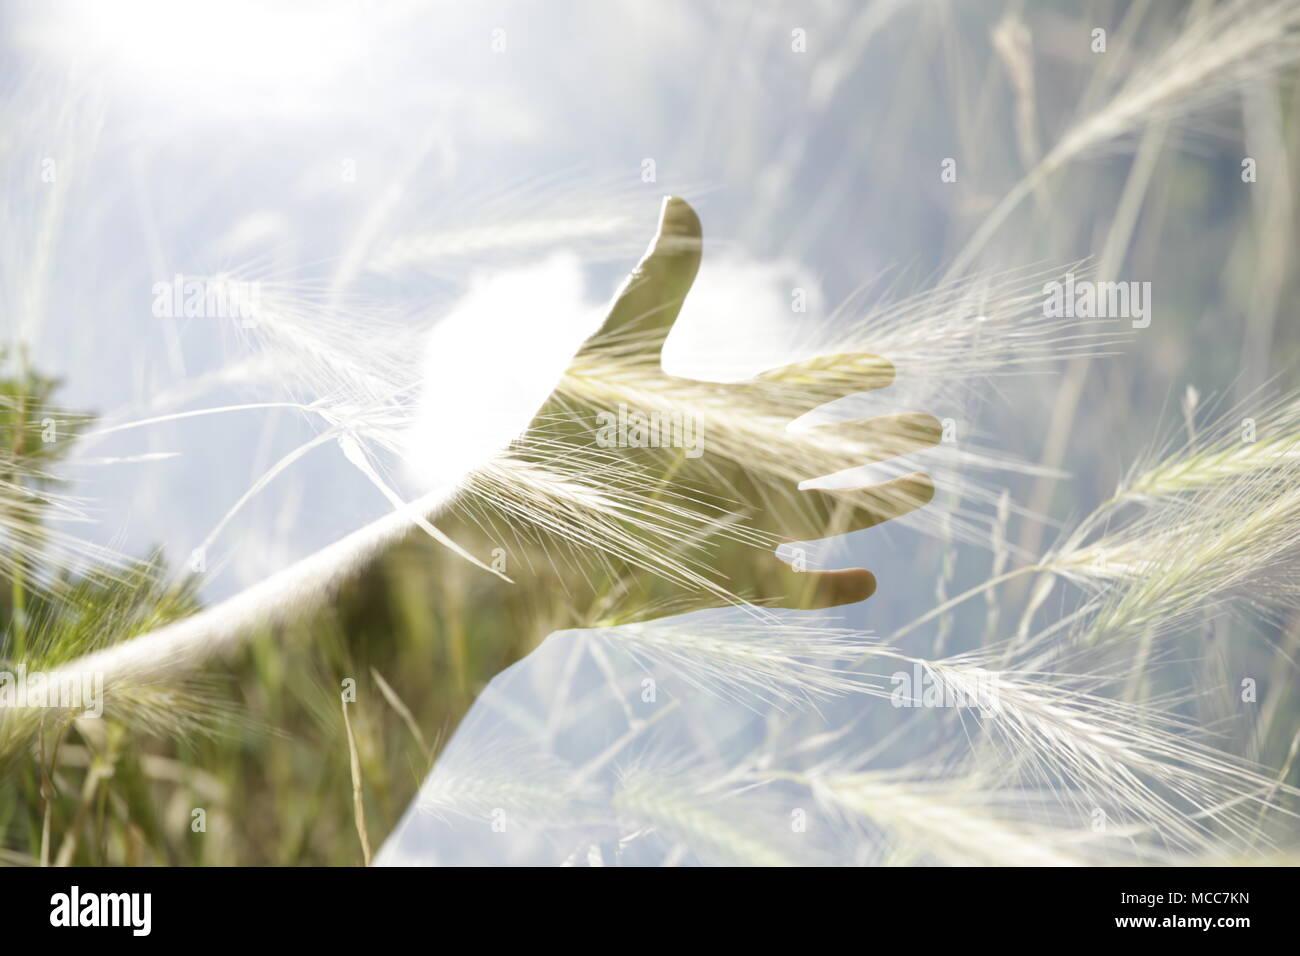 La main avec double exposition dans l'usine Photo Stock